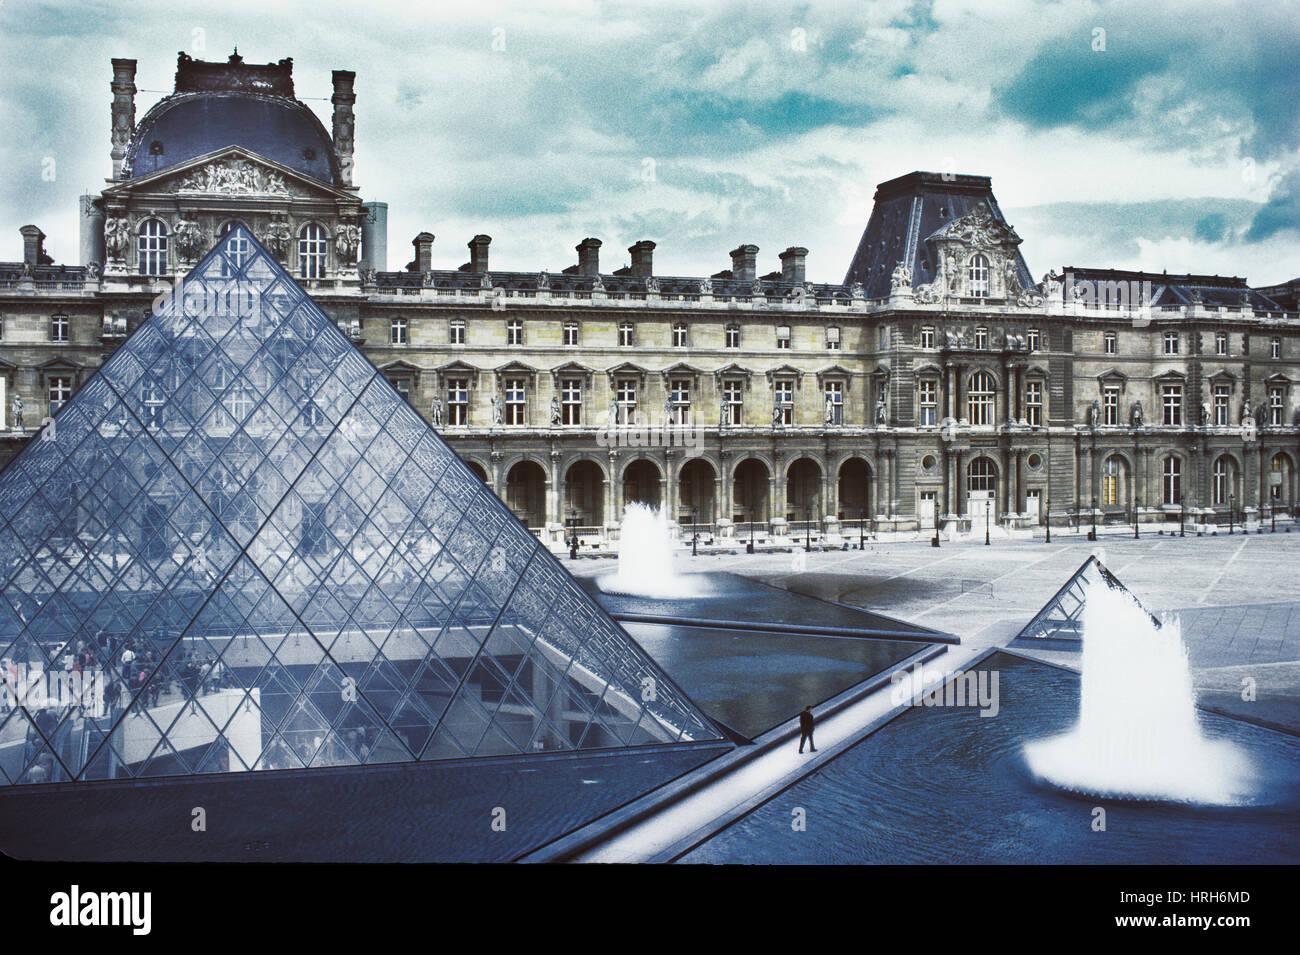 Man, Walking, Louvre, Paris, France - Stock Image